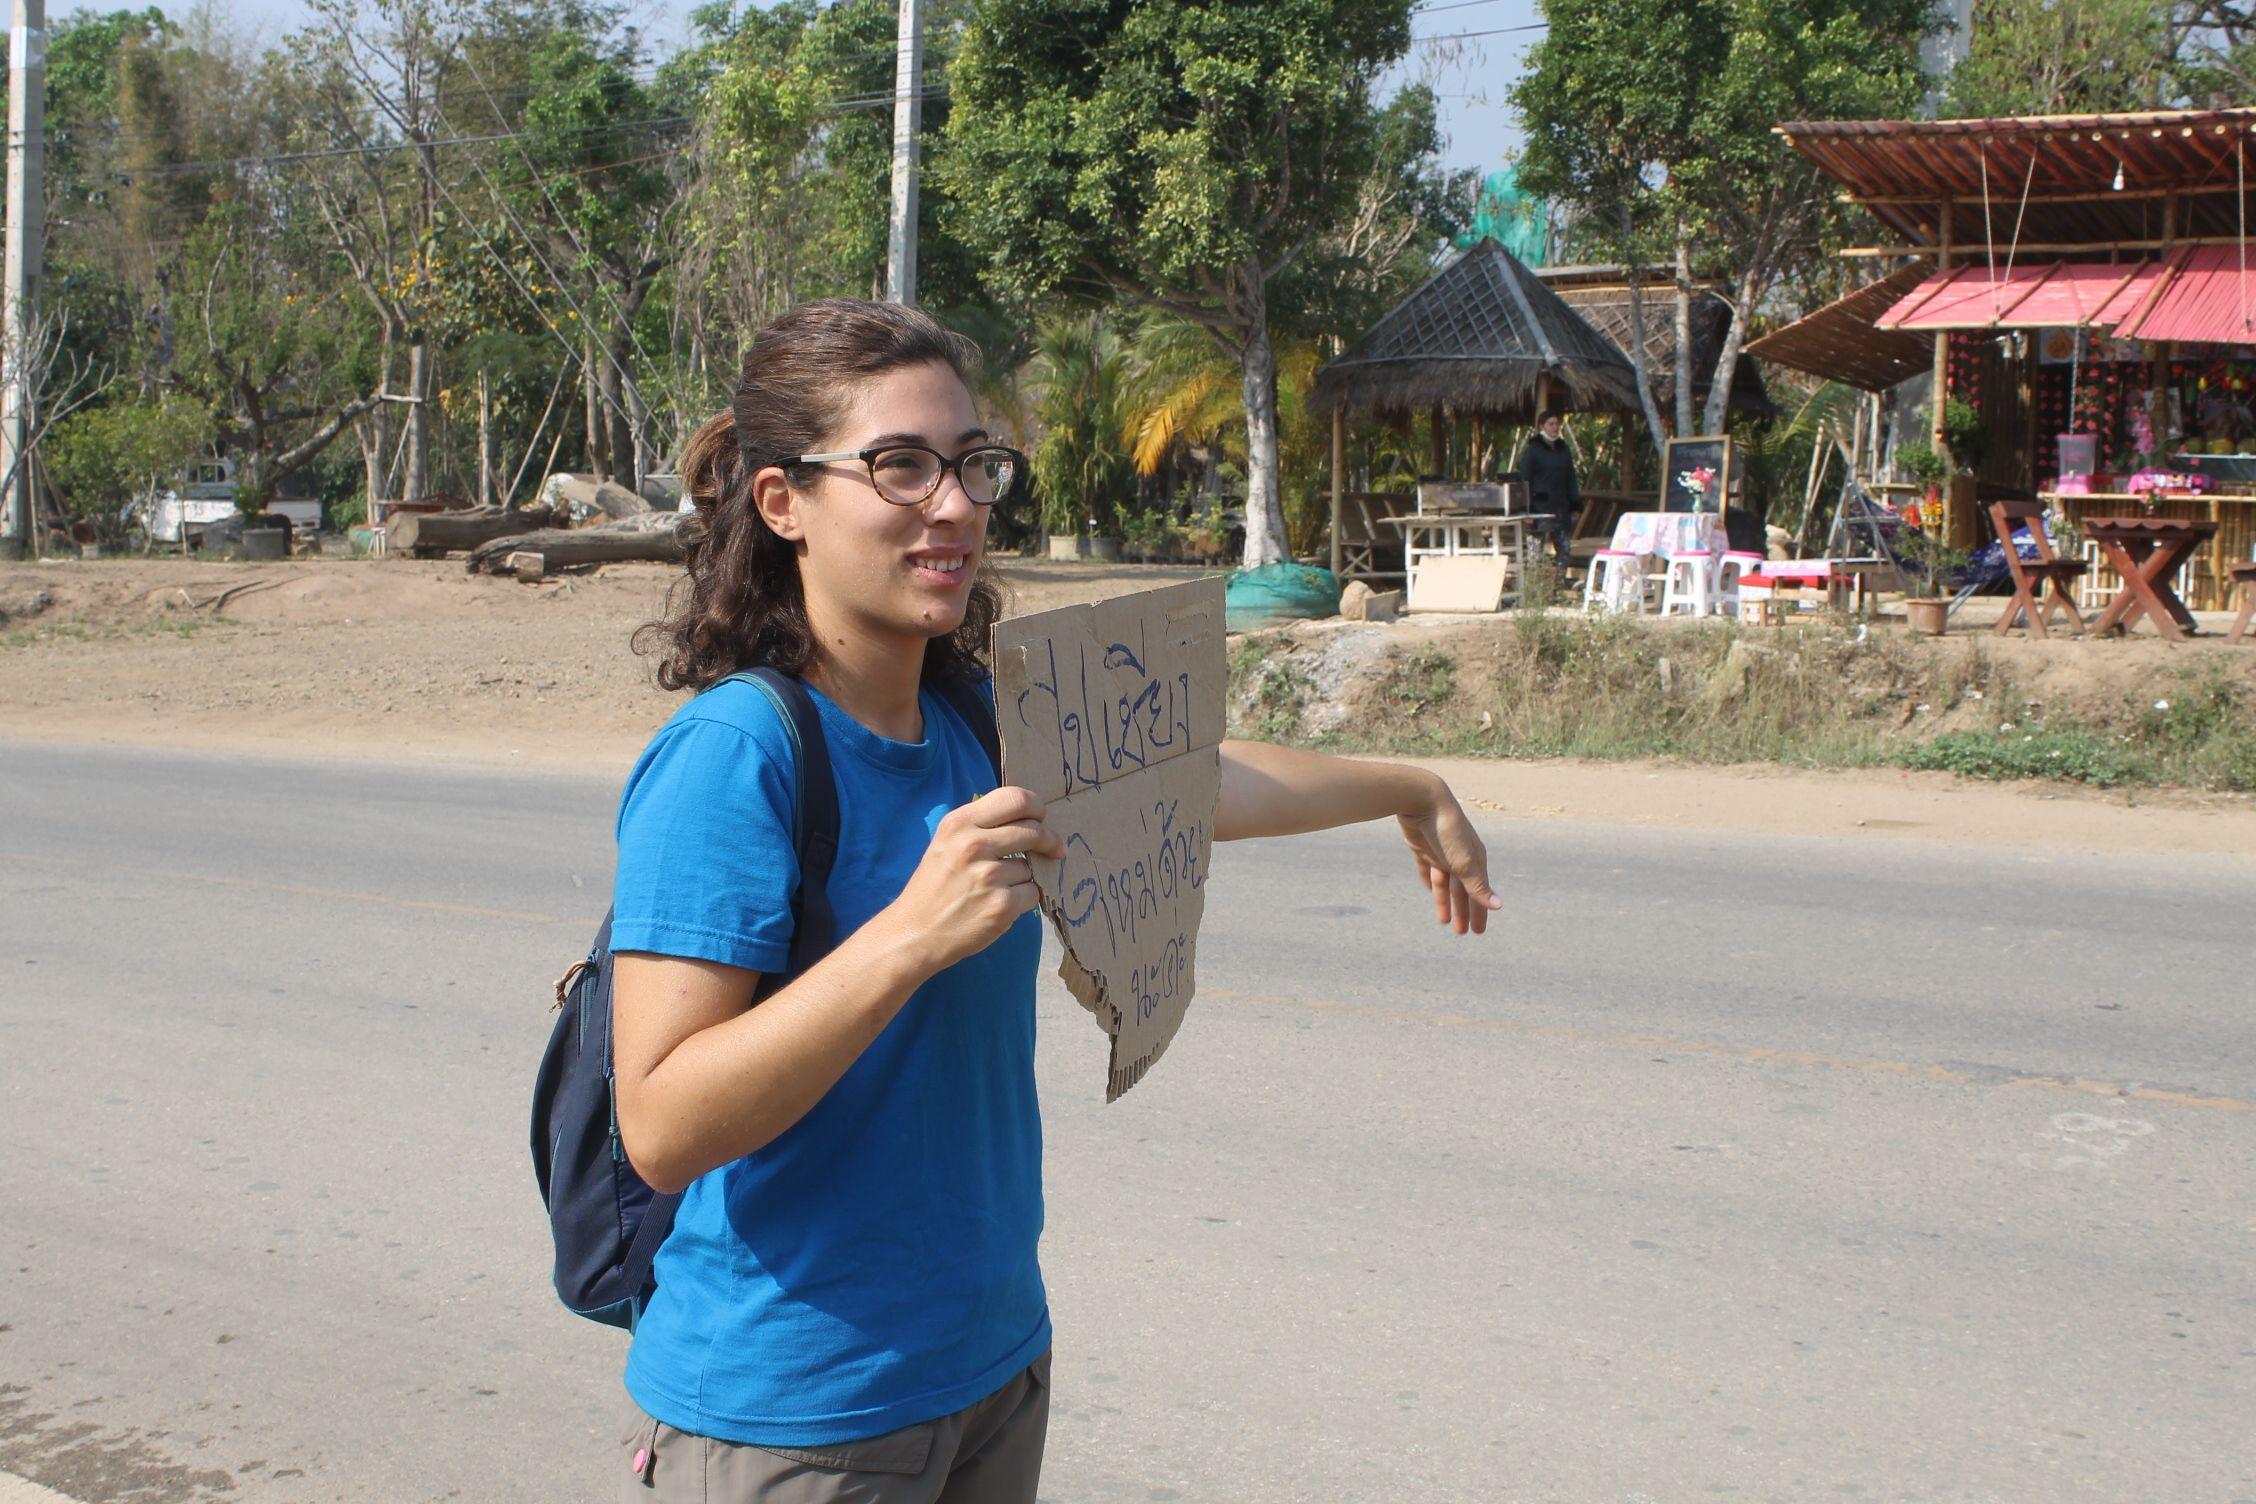 Autoestop en Pai para ir a Chiang Mai, nunca sabremos qué pone realmente en el cartel!